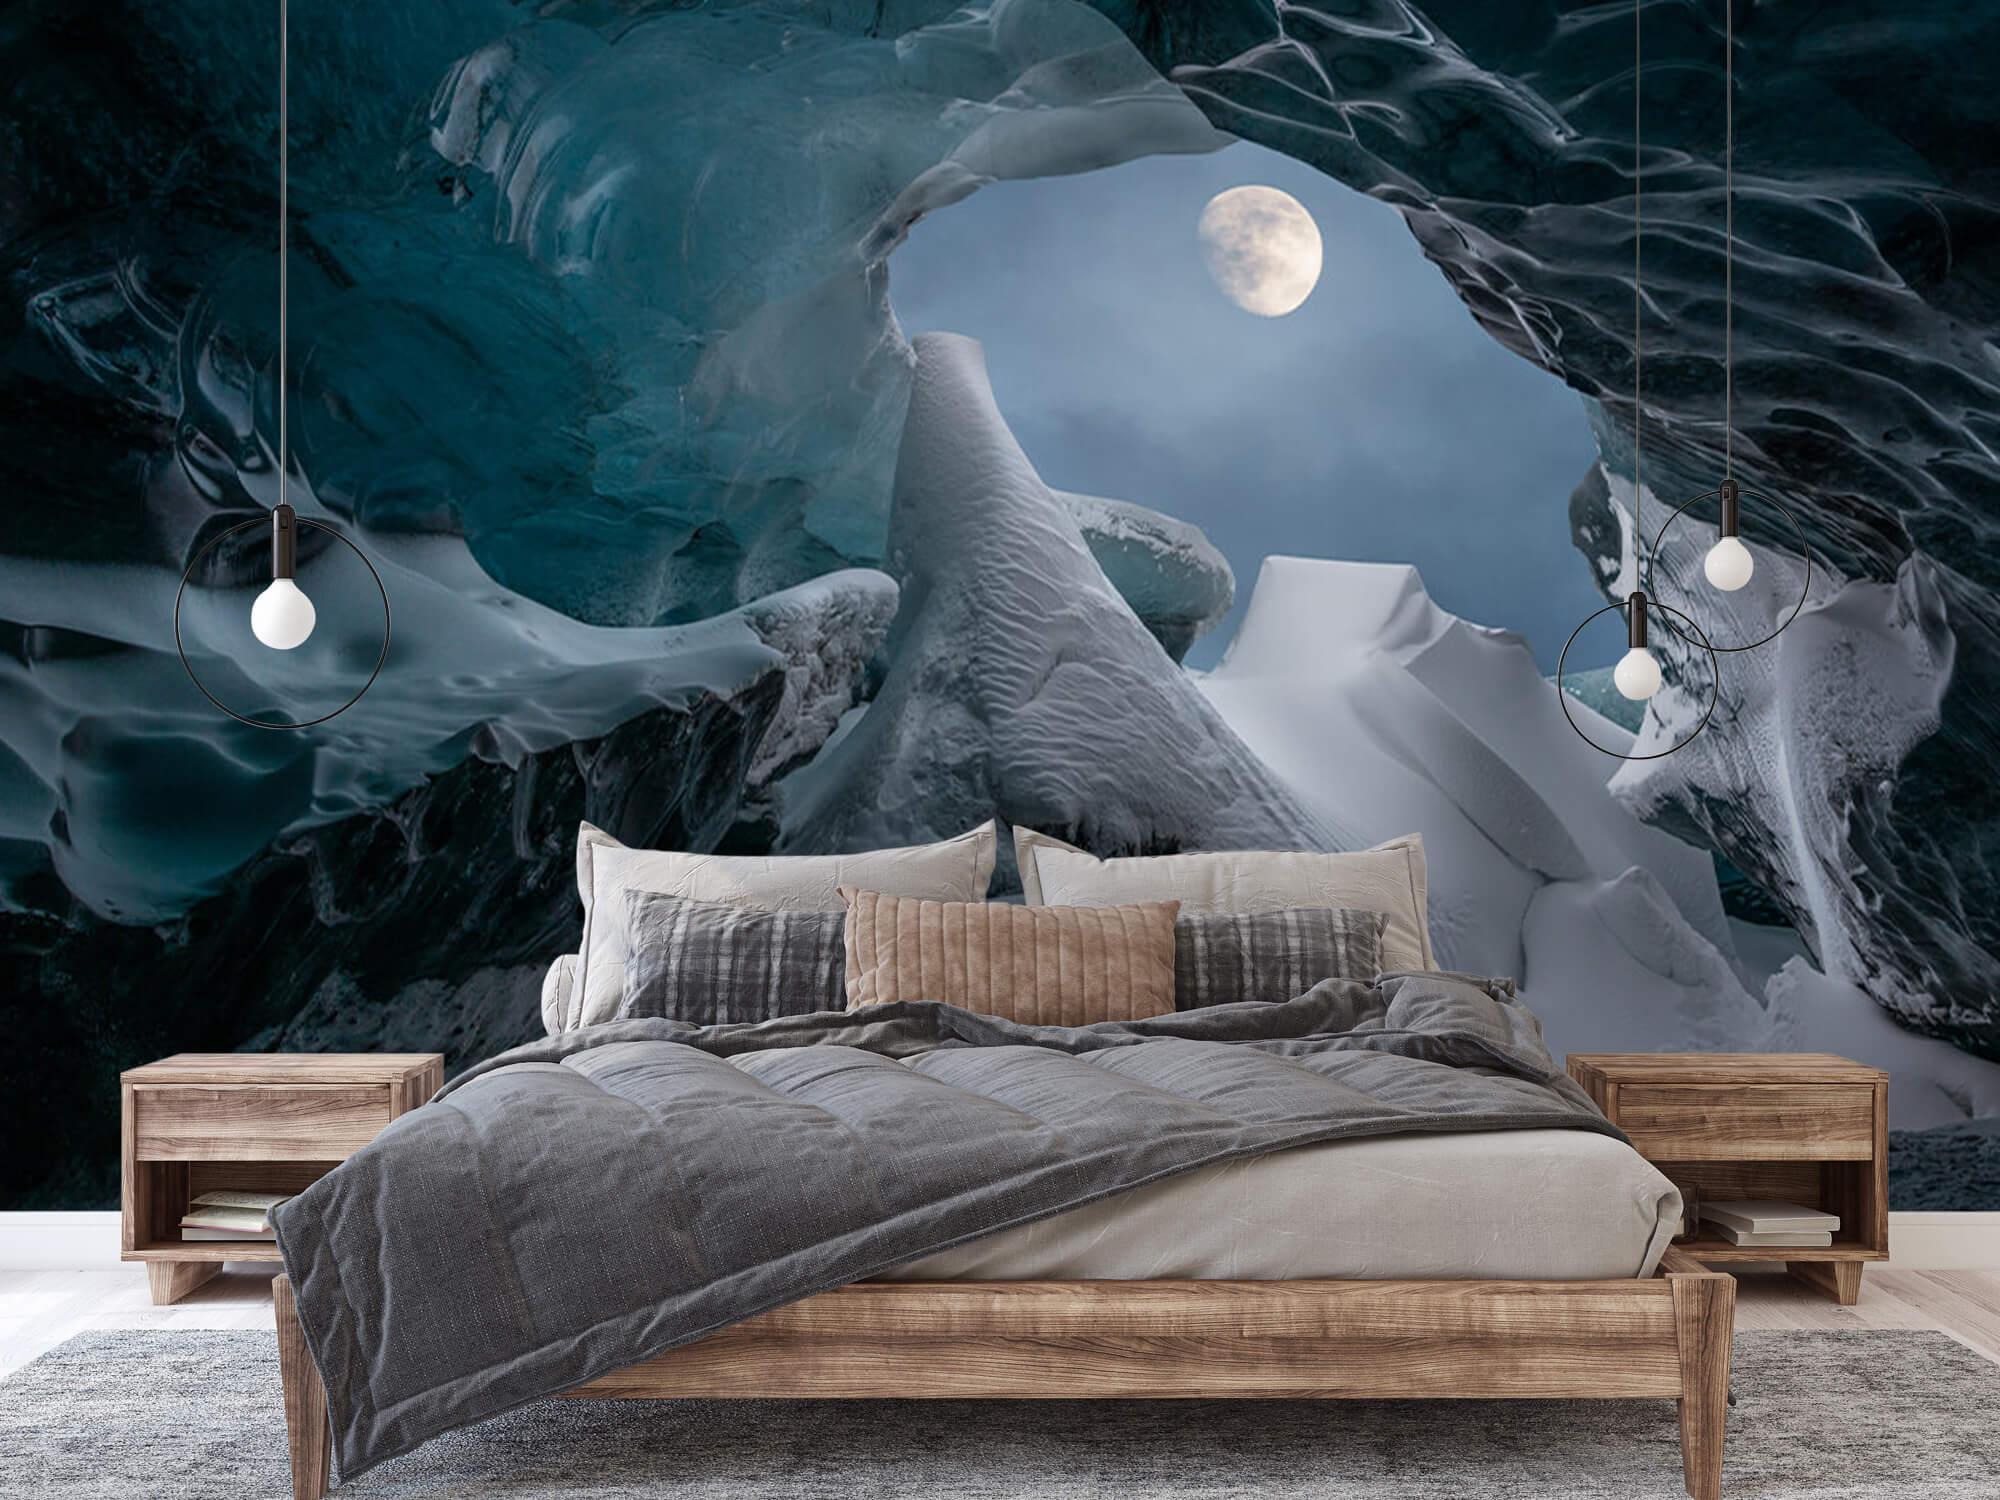 Ice cave 5